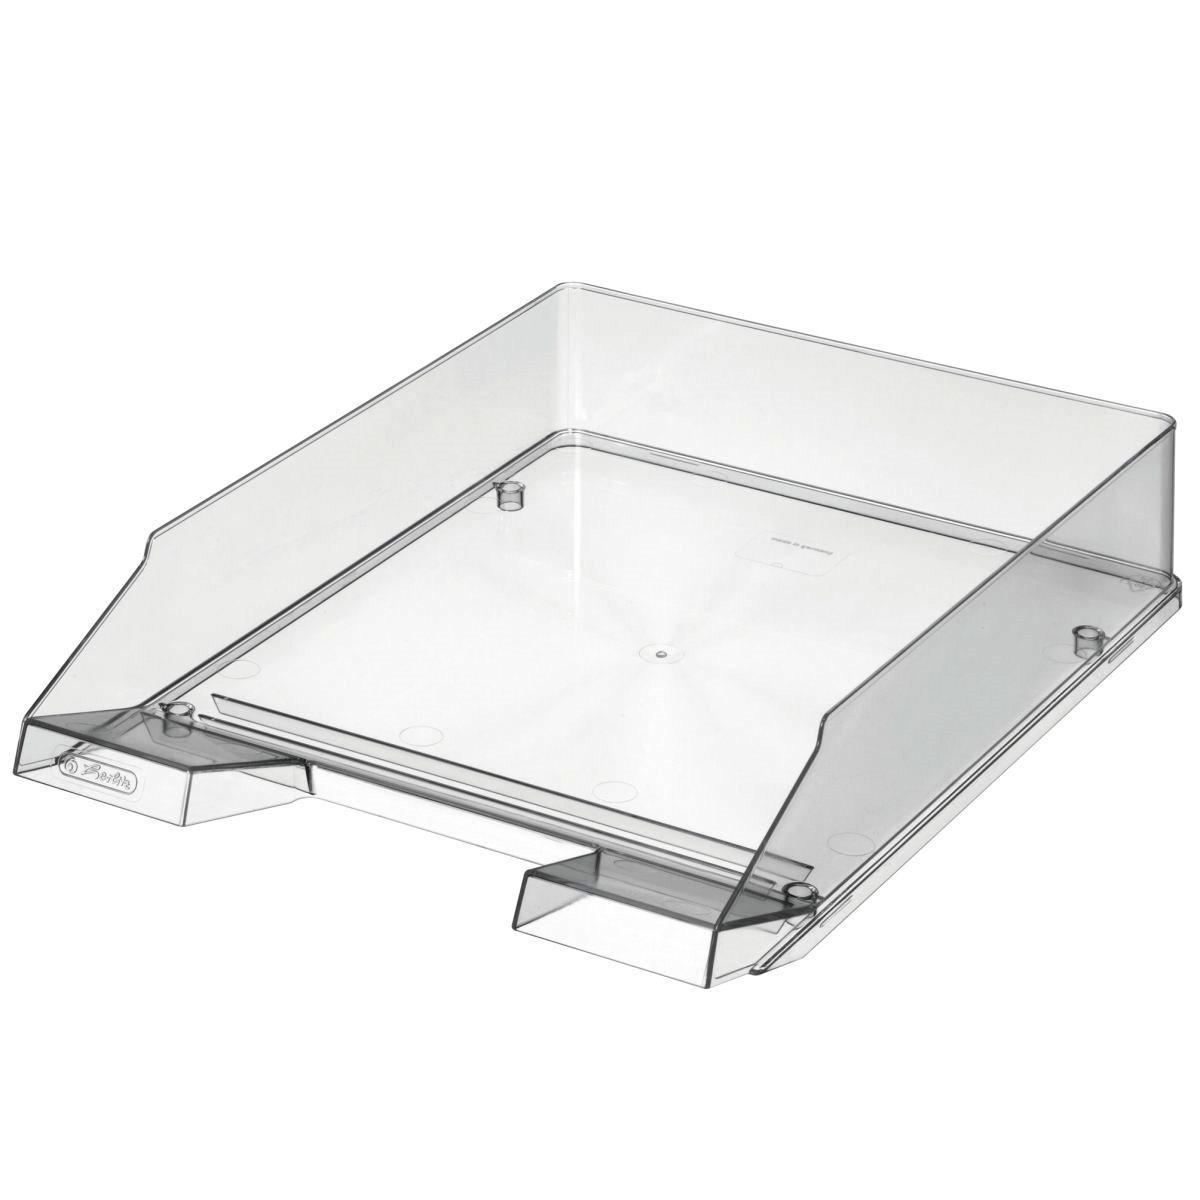 Лоток для бумаг горизонтальный Herlitz Premium глянцевый прозрачный